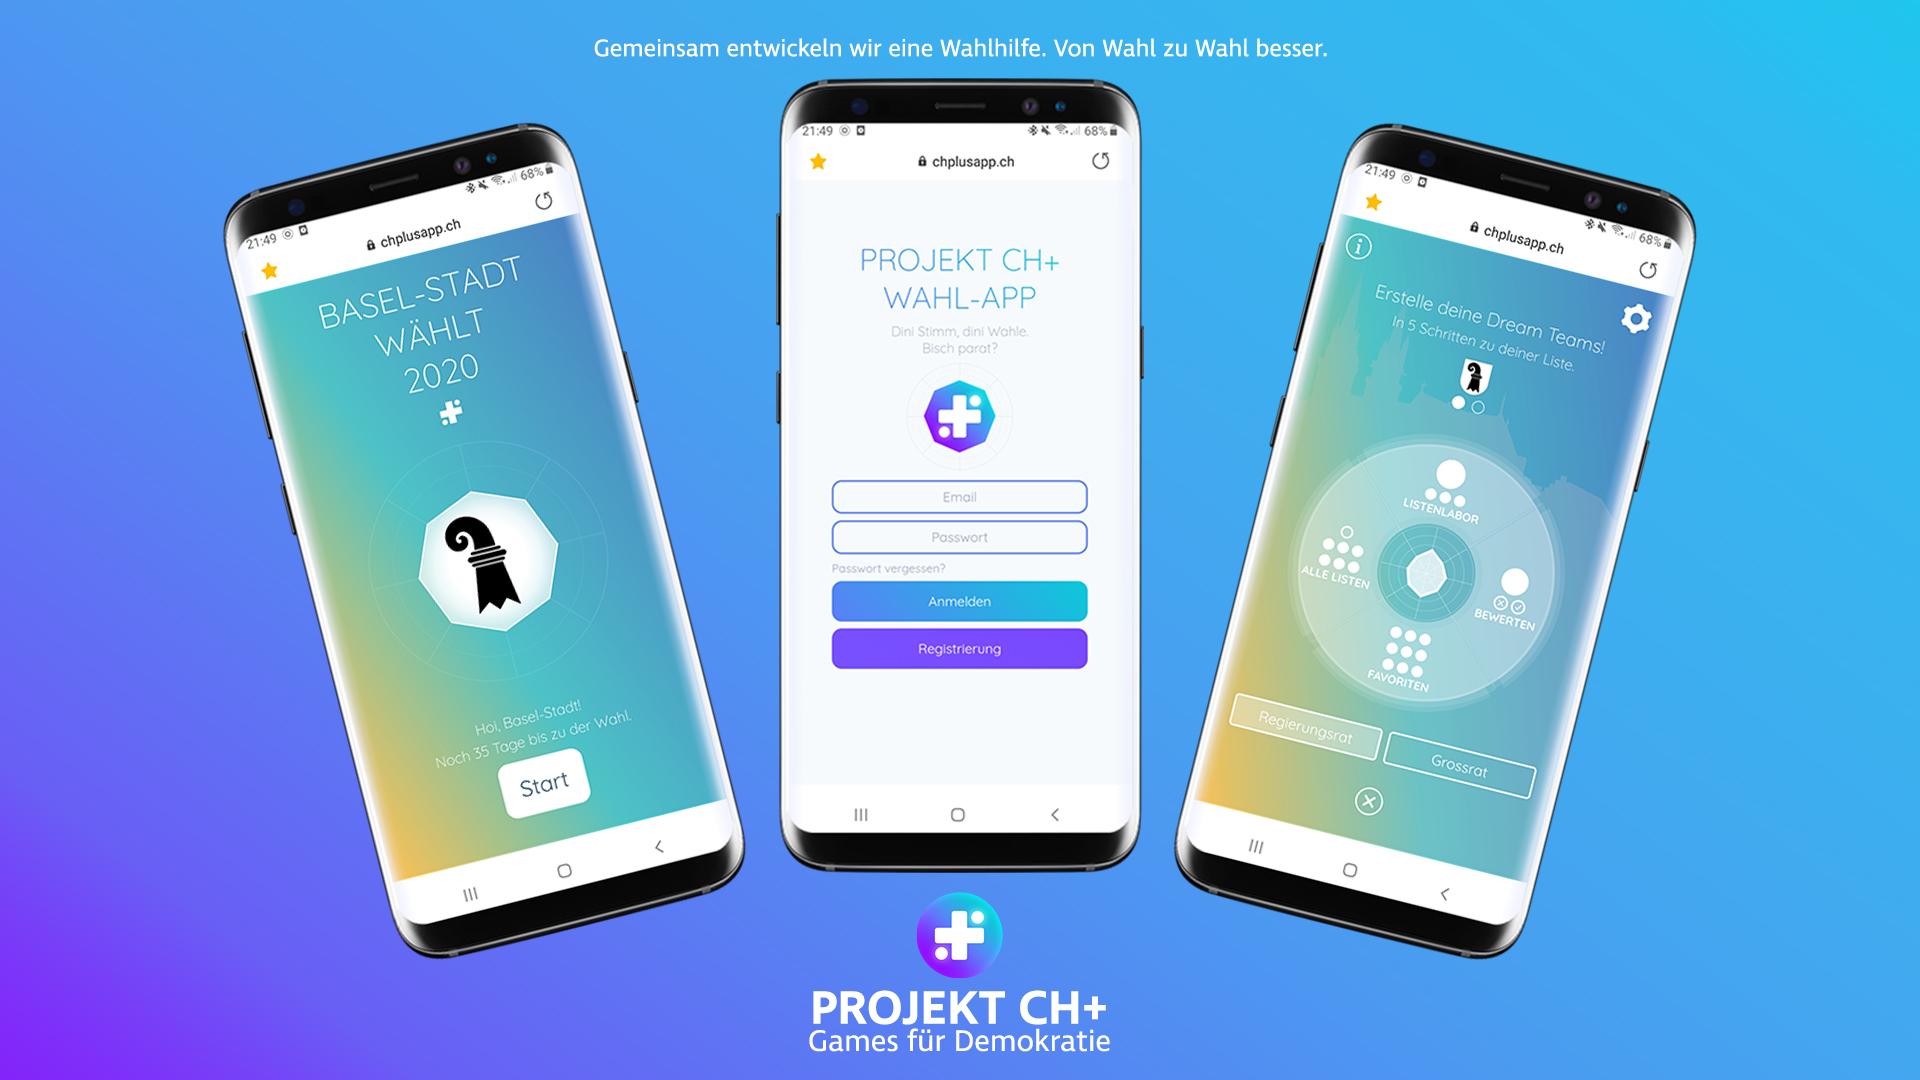 Projekt CH+ Games für Demokratie Games for Democracy Wahl-App Wahlen Basel-Stadt